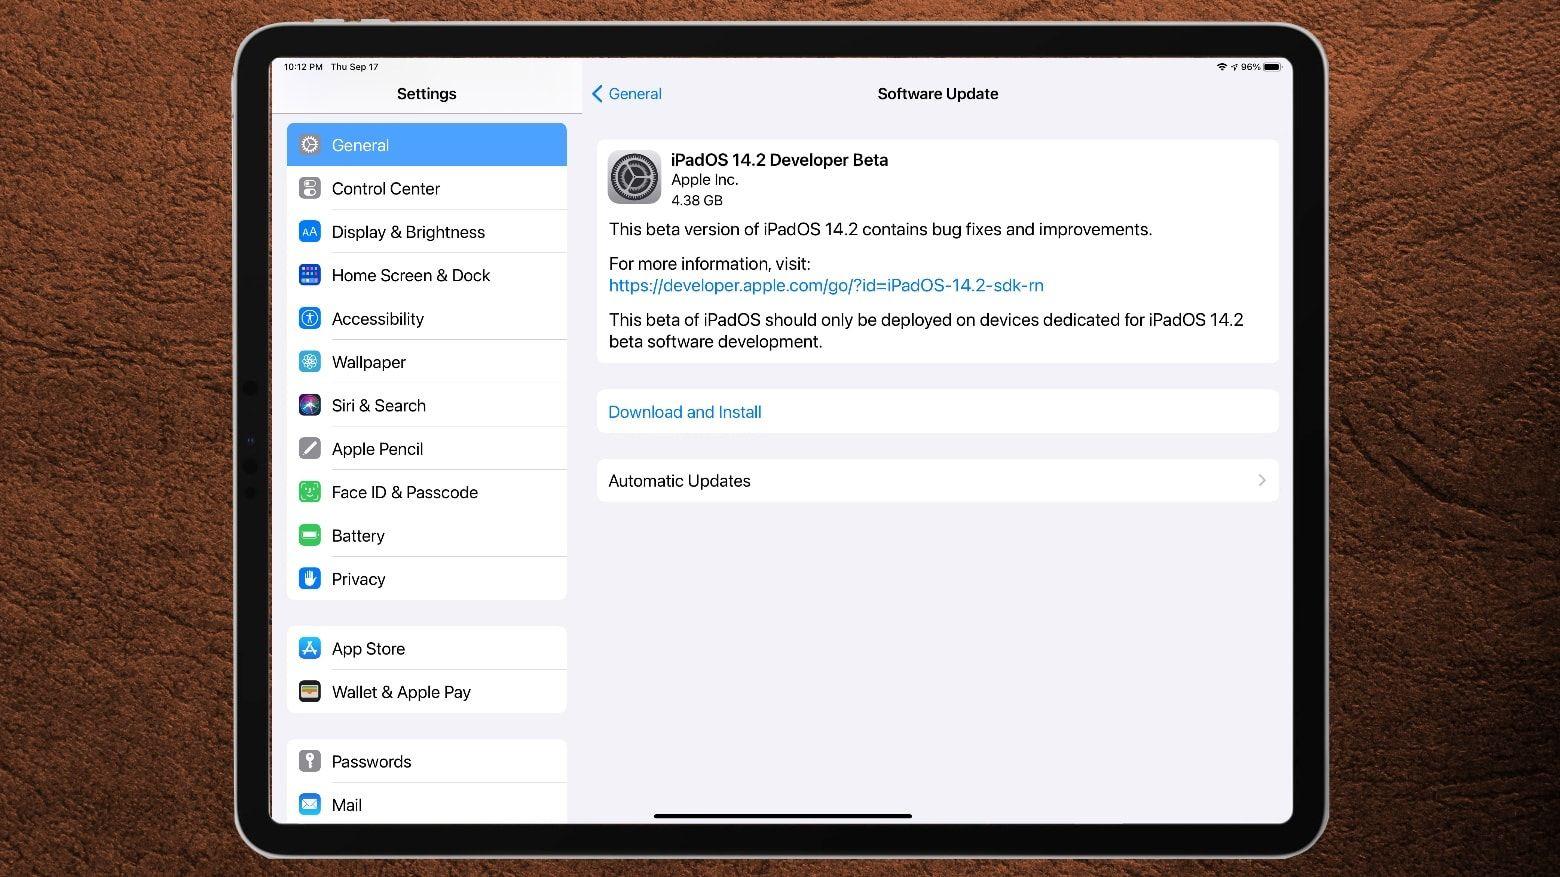 Ios 14 2 Public Beta Integrates Shazam Music Recognition Into Iphone Updated Music Recognition Recognition Shazam